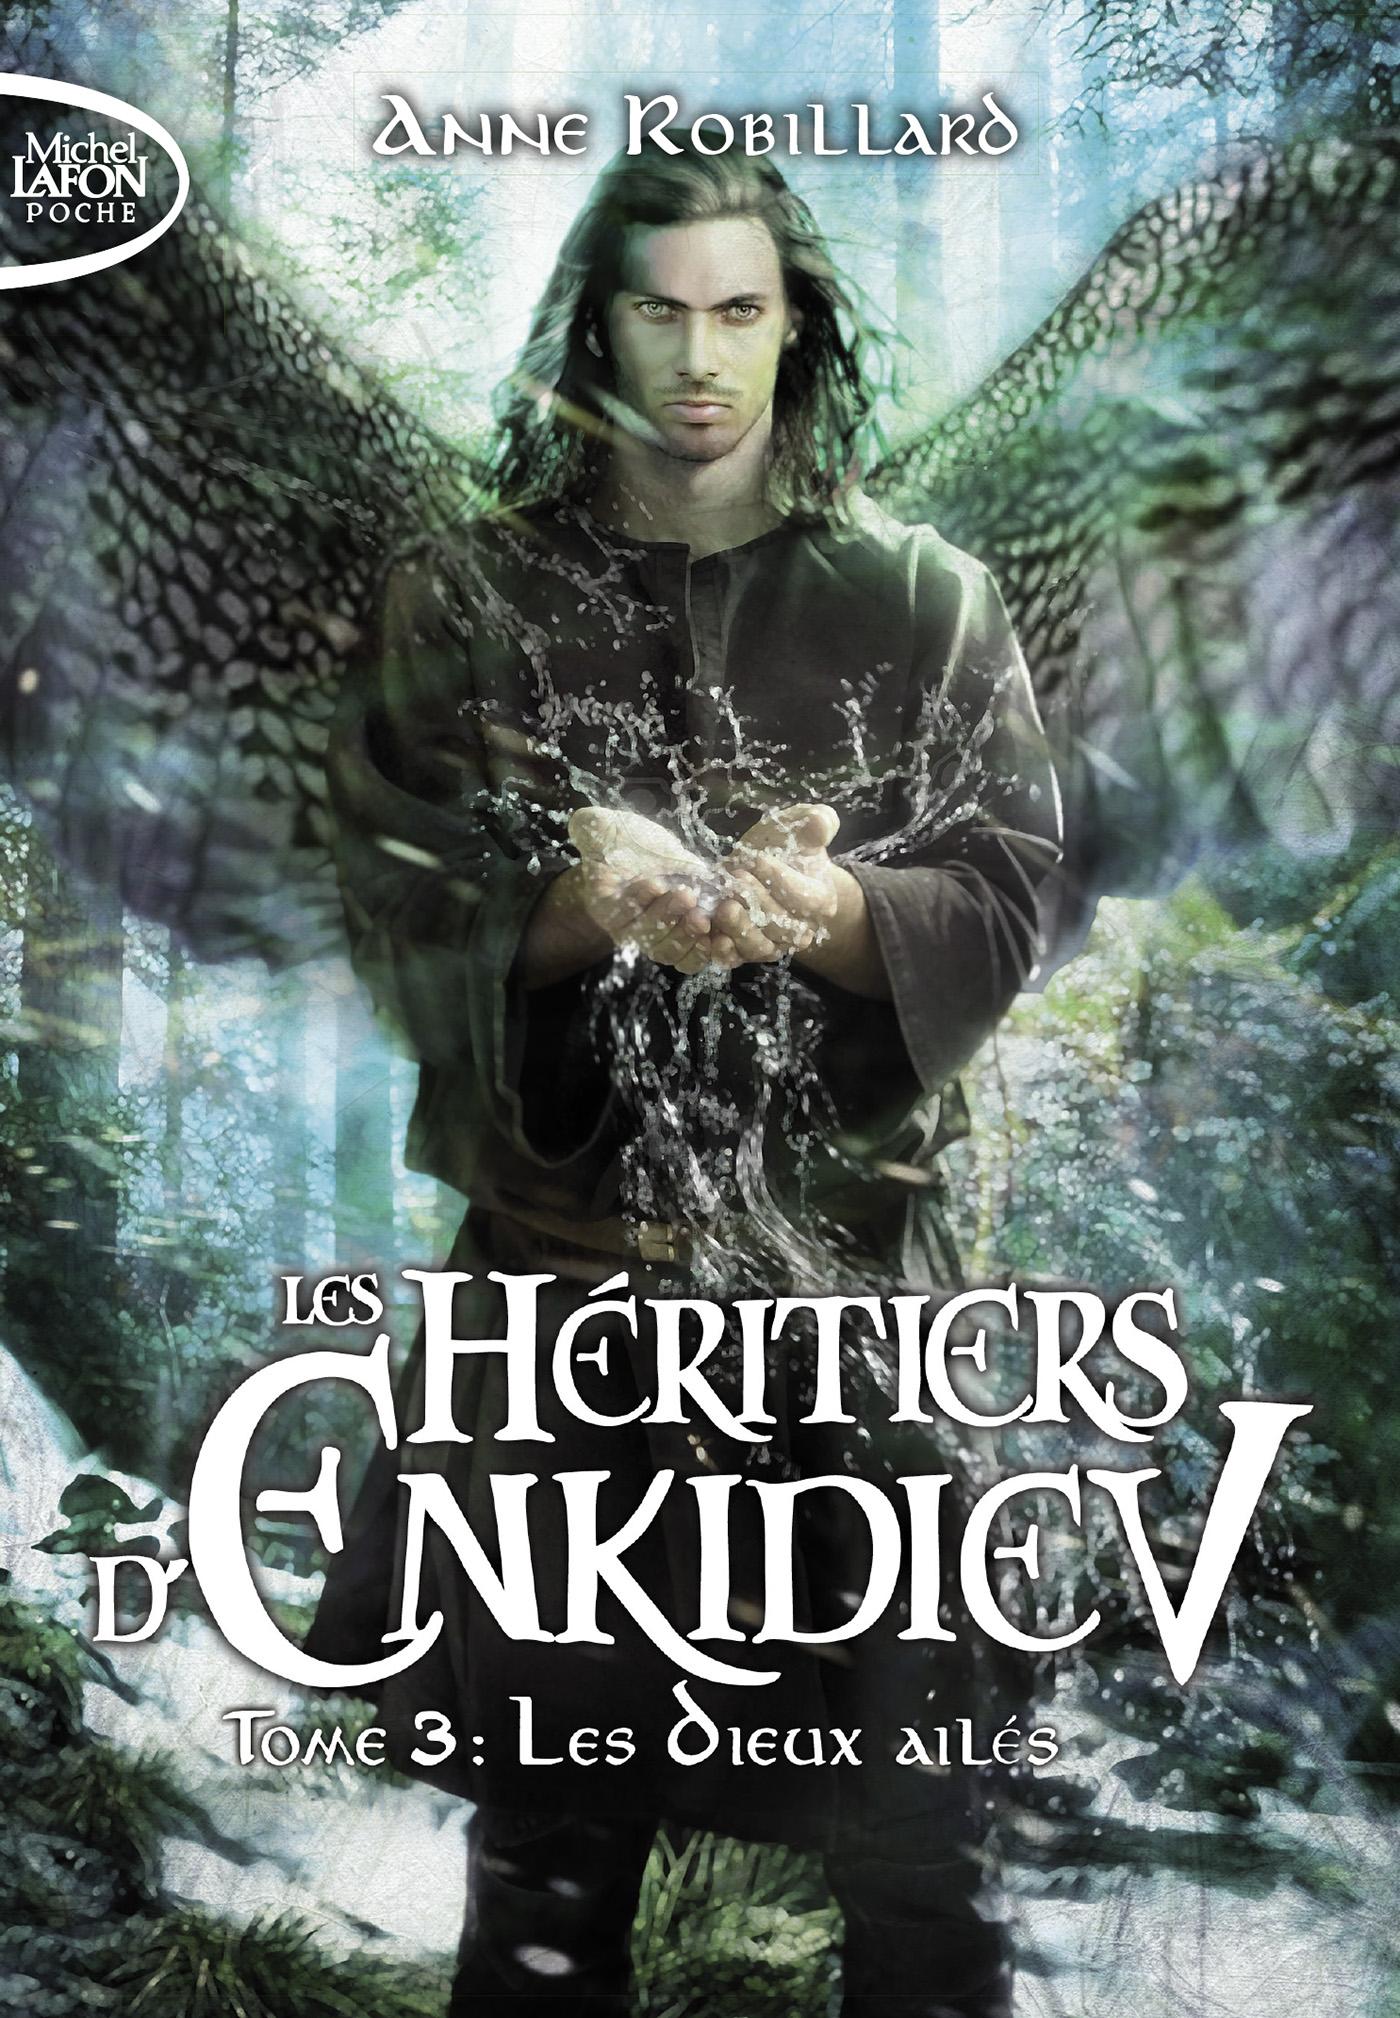 Les héritiers d'Enkidiev – Tome 3 : Les Dieux ailés